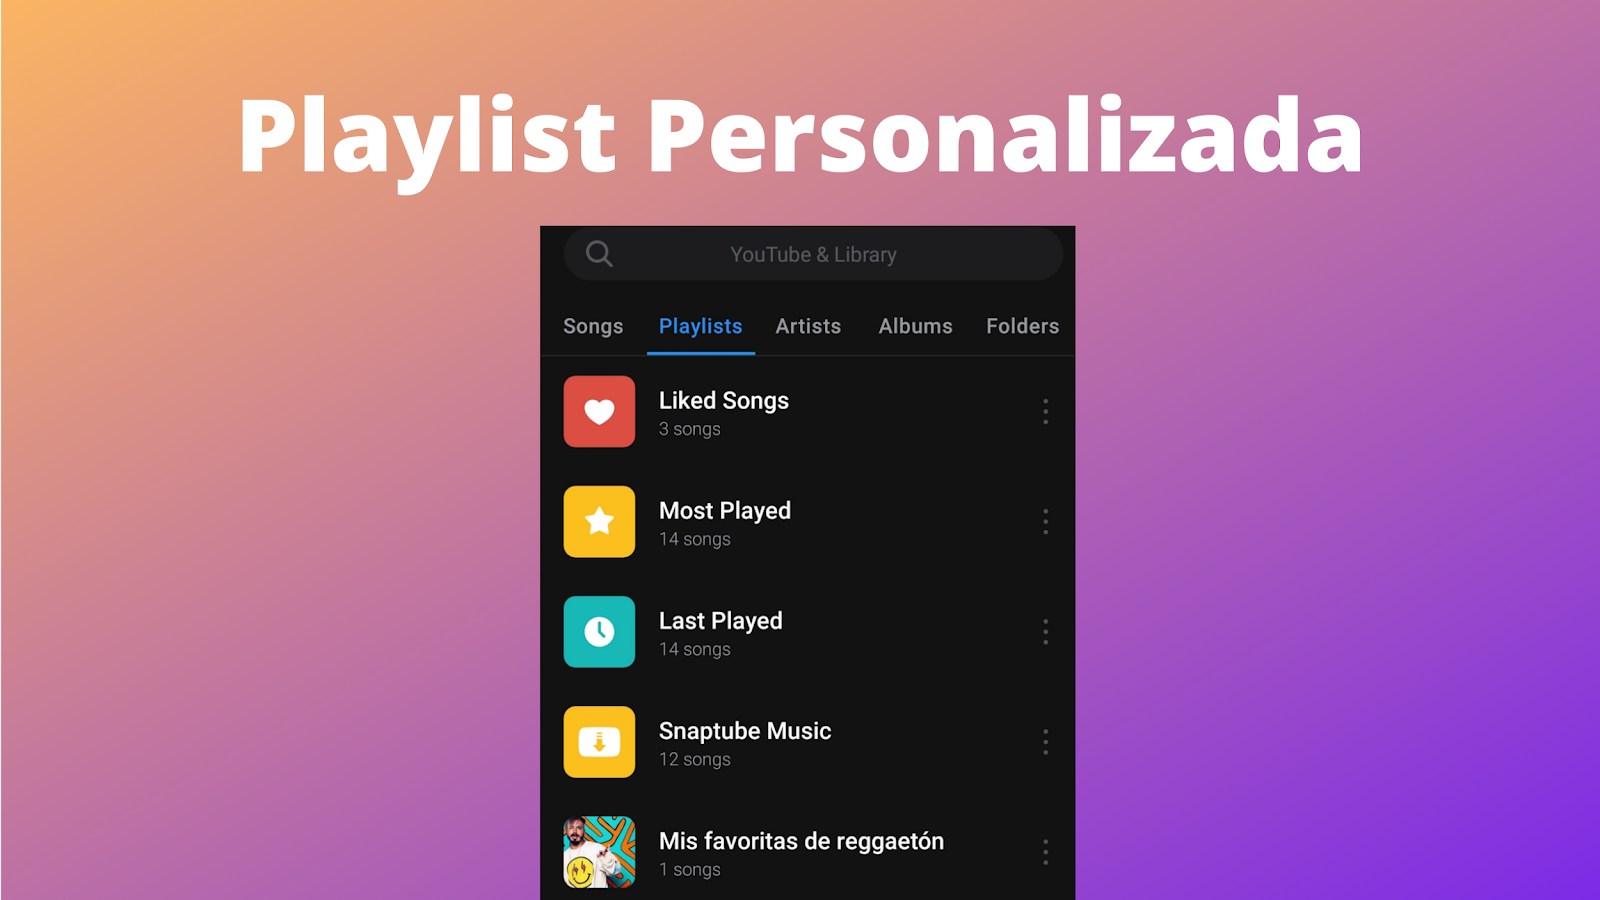 Lark player se destaca como opção para substituir o google play music. Com mais de 100 milhões de downloads na google play store, o lark player se torna uma das principais opções de reprodutores de música para usuários android